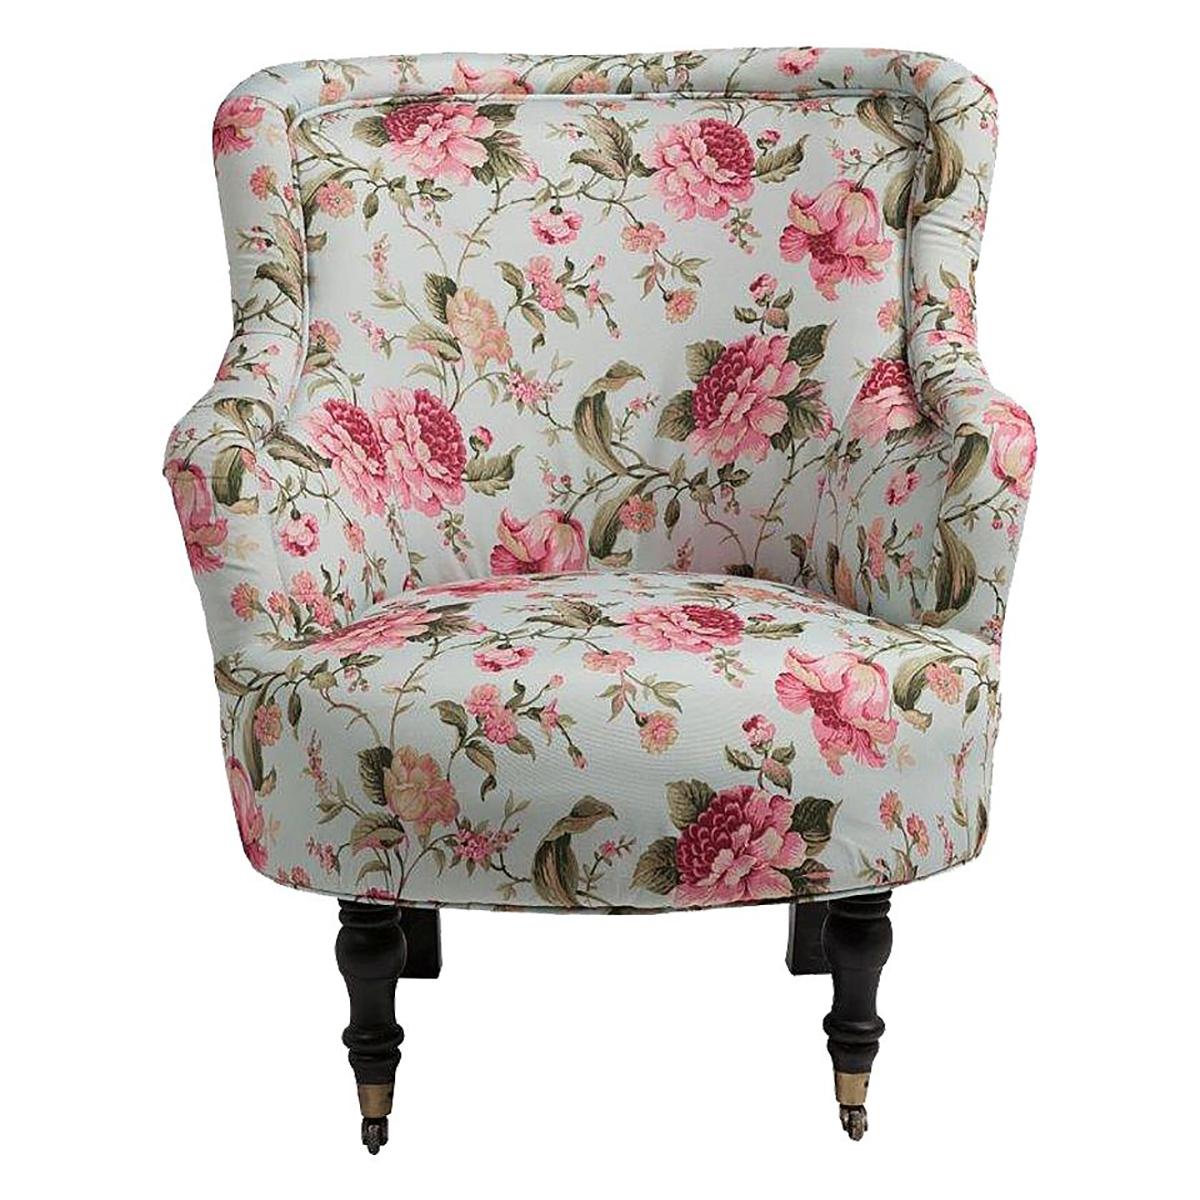 Купить Кресло Seluche в интернет магазине дизайнерской мебели и аксессуаров для дома и дачи